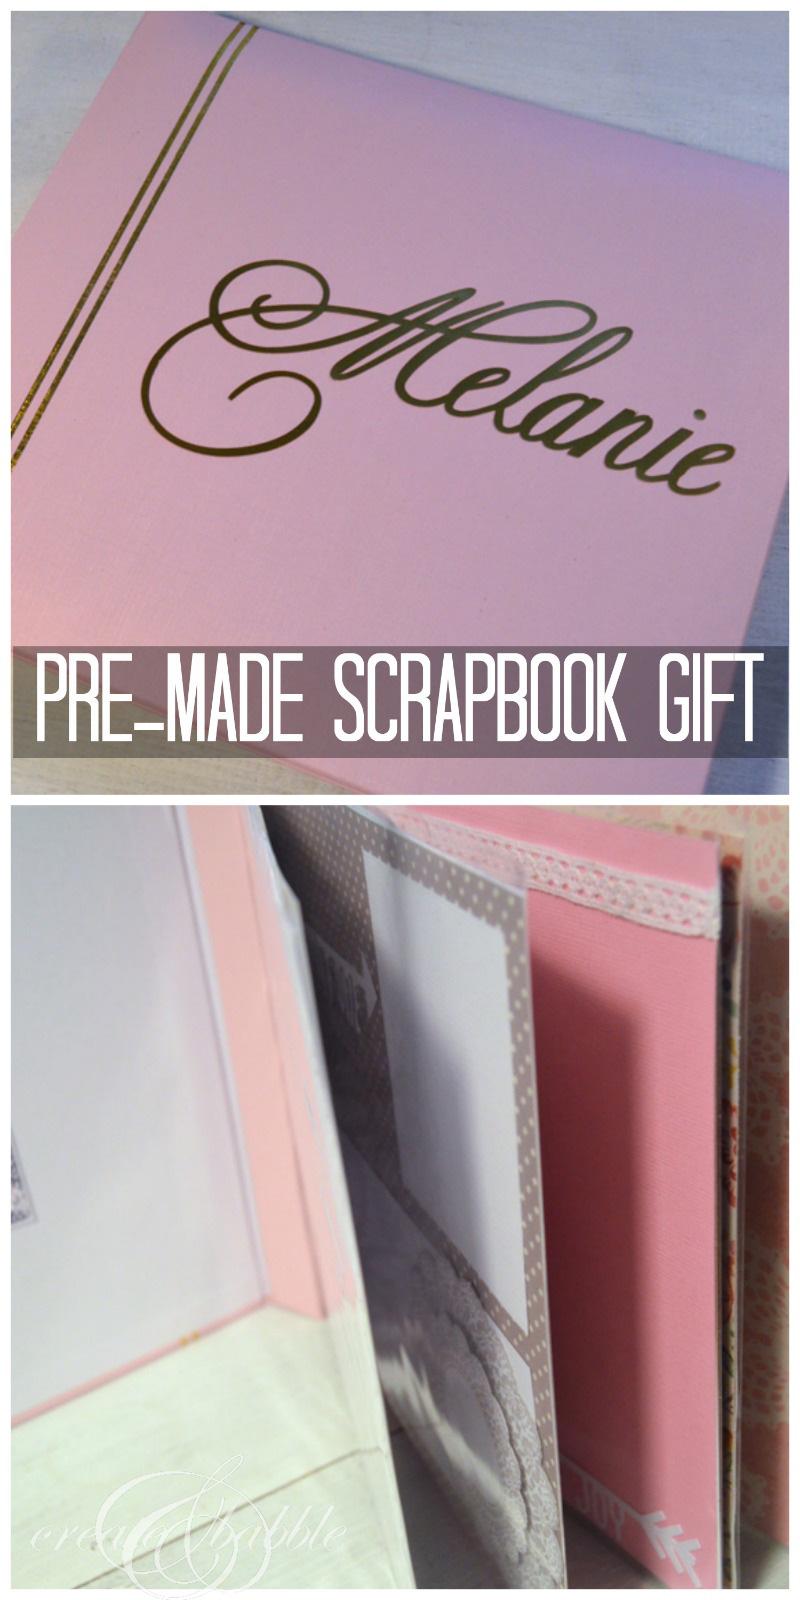 scrapbook gift